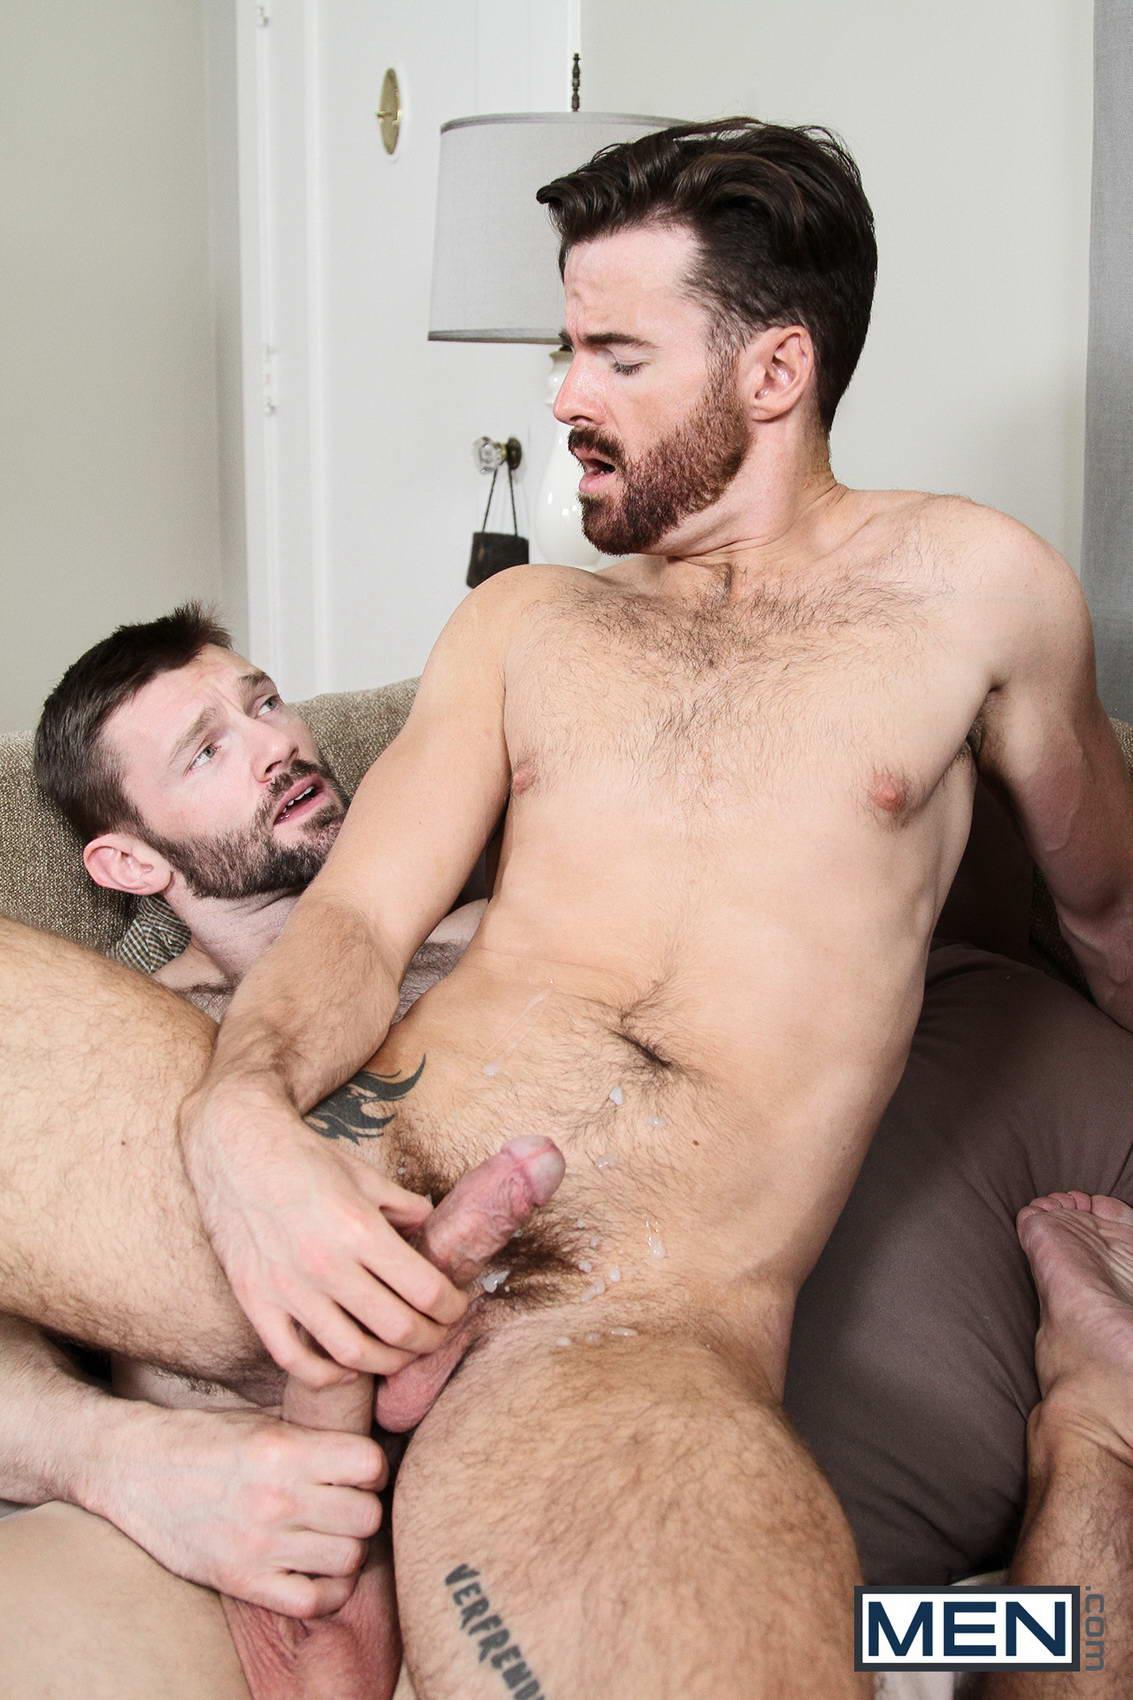 Fay hairy orgy